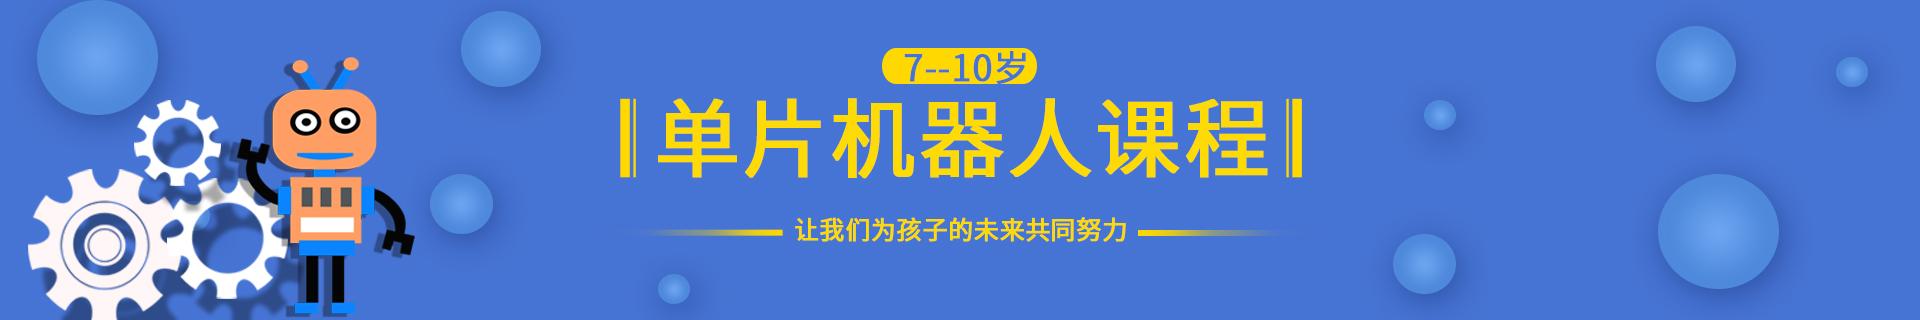 广州海珠区翠宝路乐博乐博机器人编程